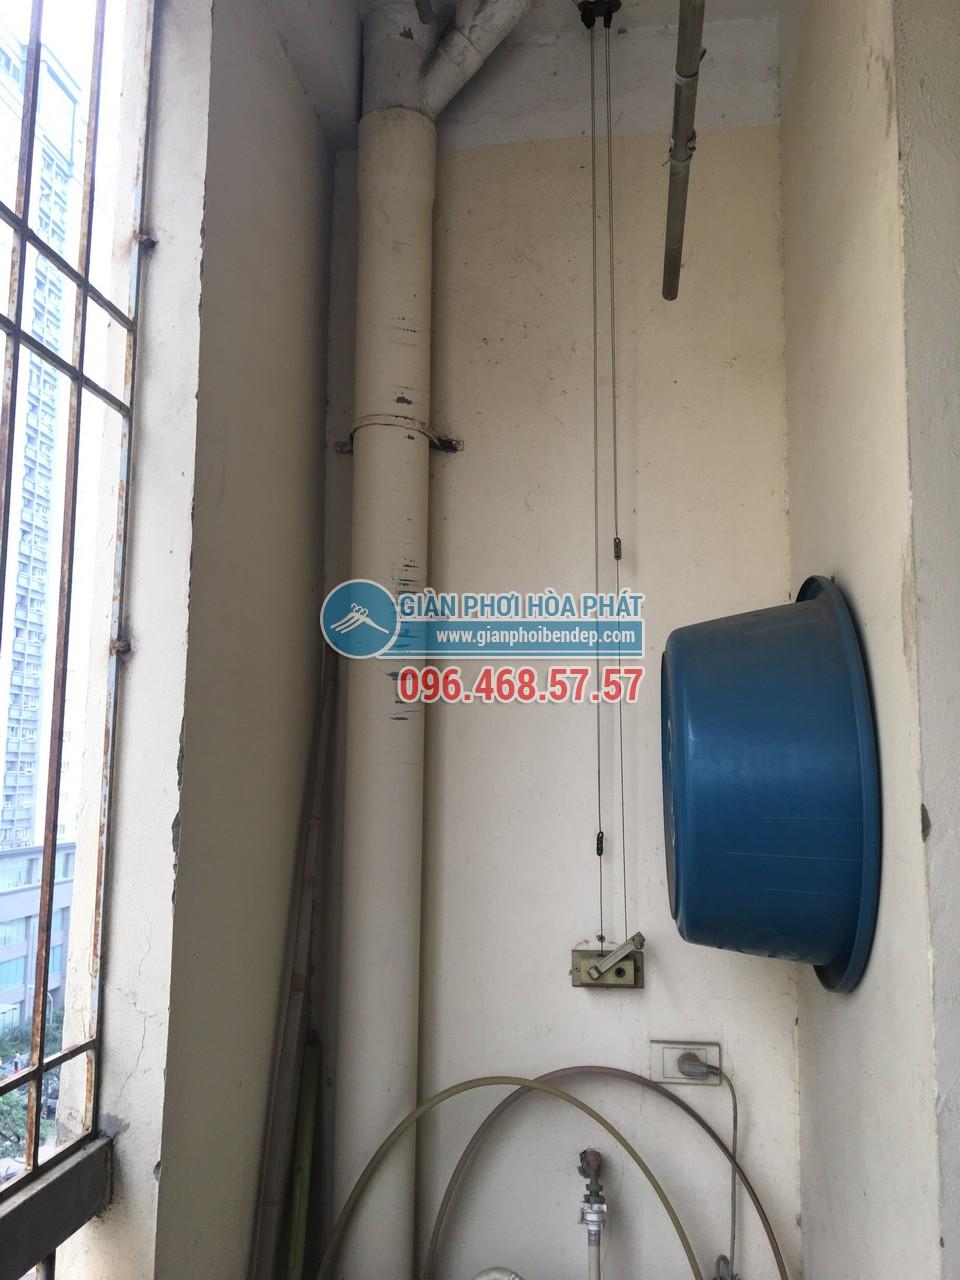 Thay dây cáp cho giàn phơi thông minh nhà chị Hường, P805, Tòa CT4-5, KĐT Yên Hòa - 04